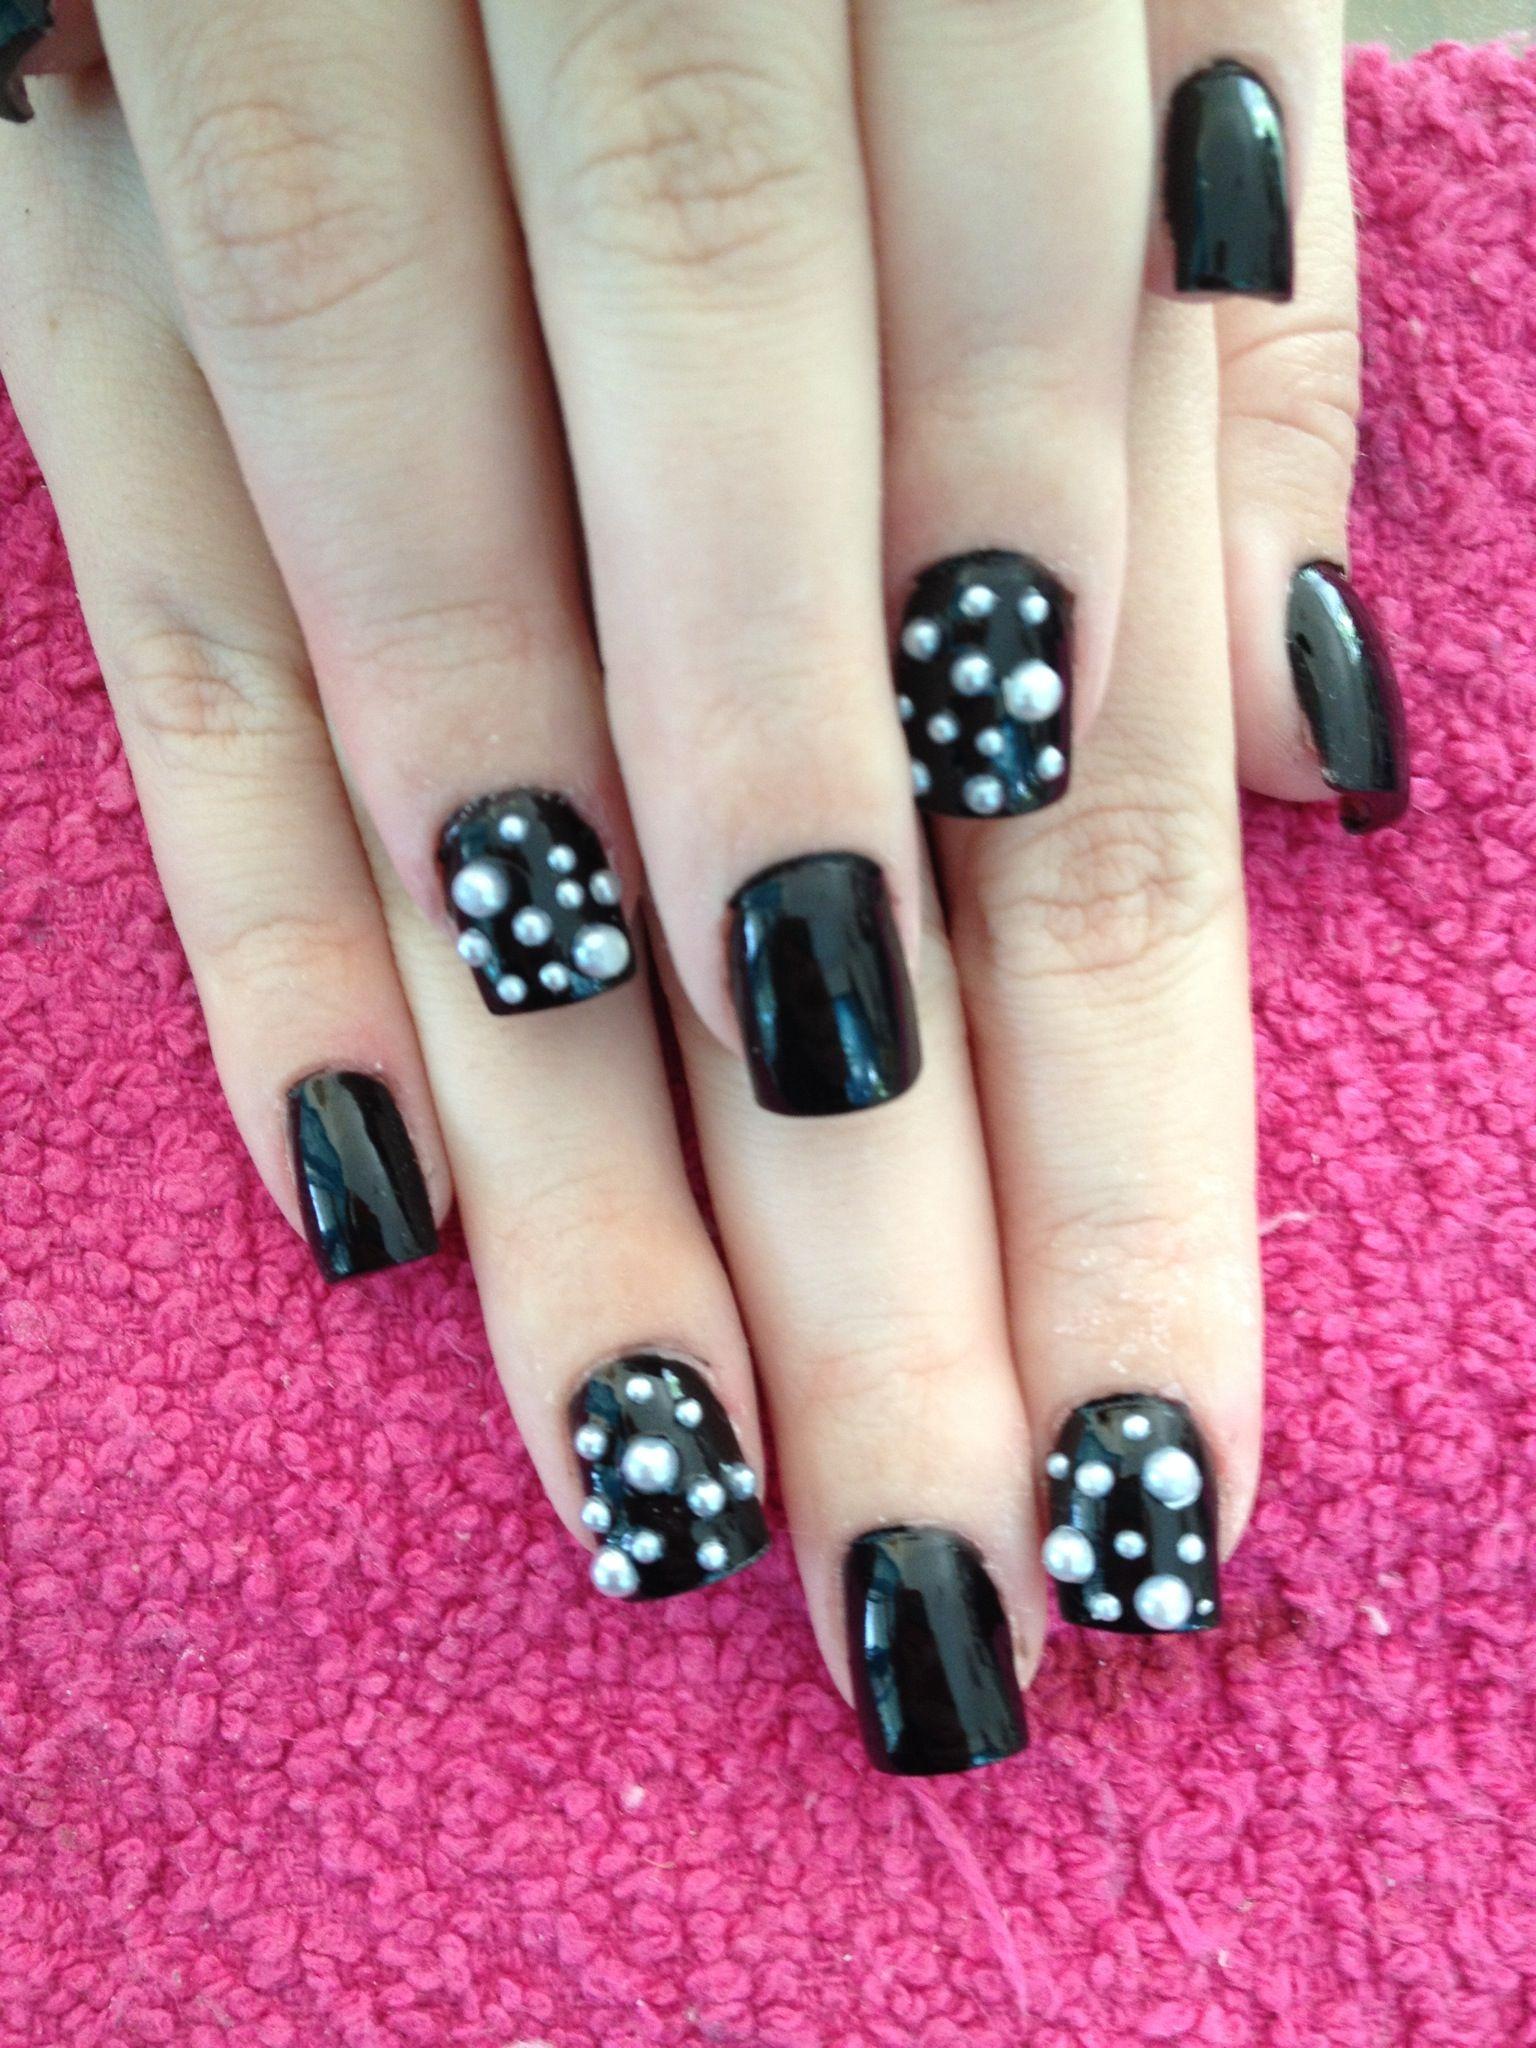 Uñas Pintadas Con Esmalte Negro Y Perlas Blancas Uñas Nails My